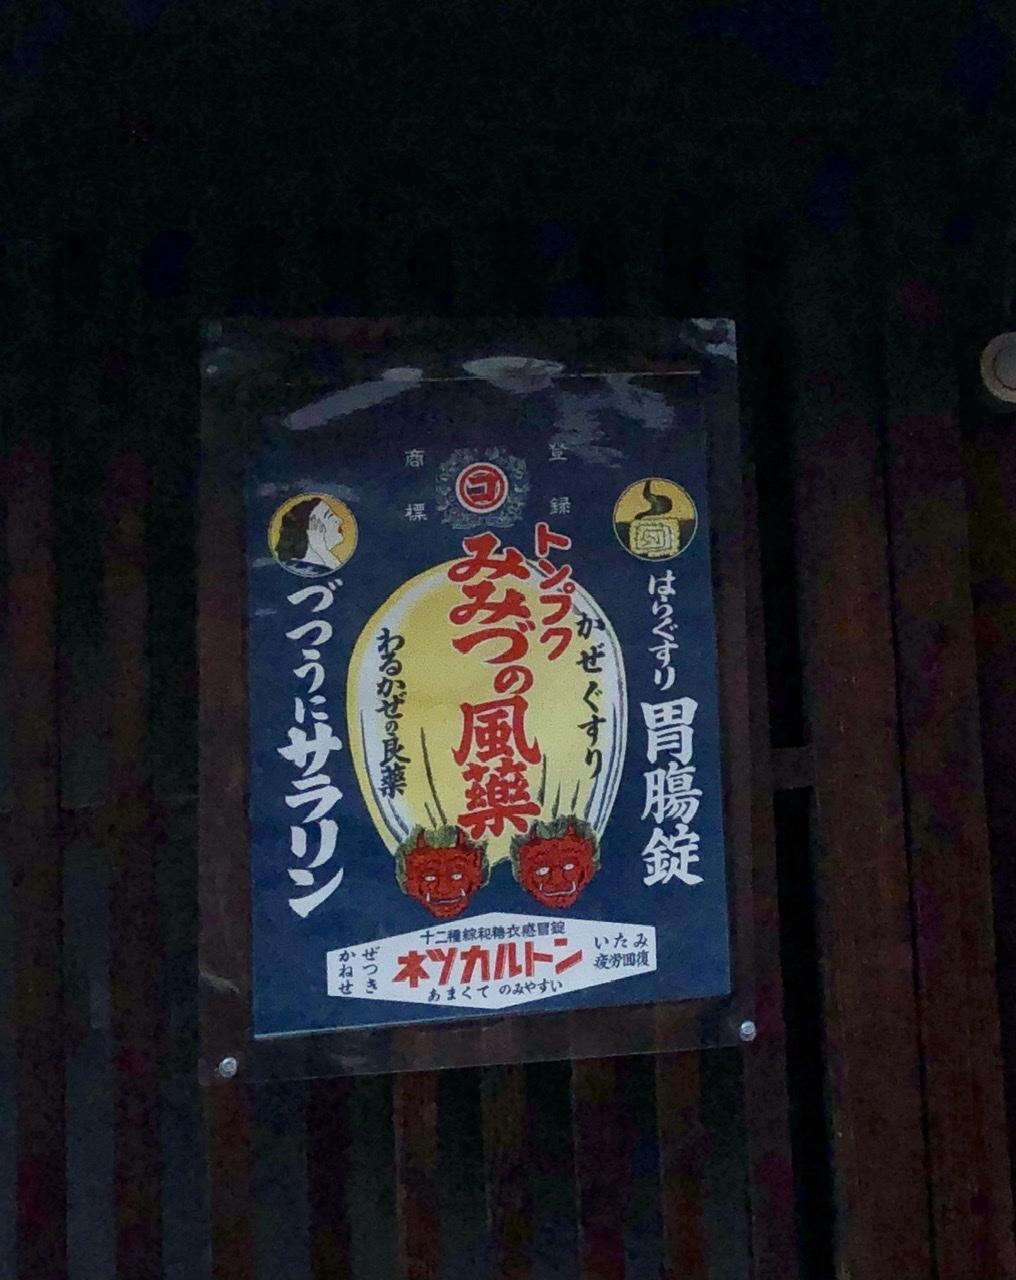 奈良の旅  12   江戸時代にタイムスリップ  橿原市今井町_a0092659_16471189.jpeg